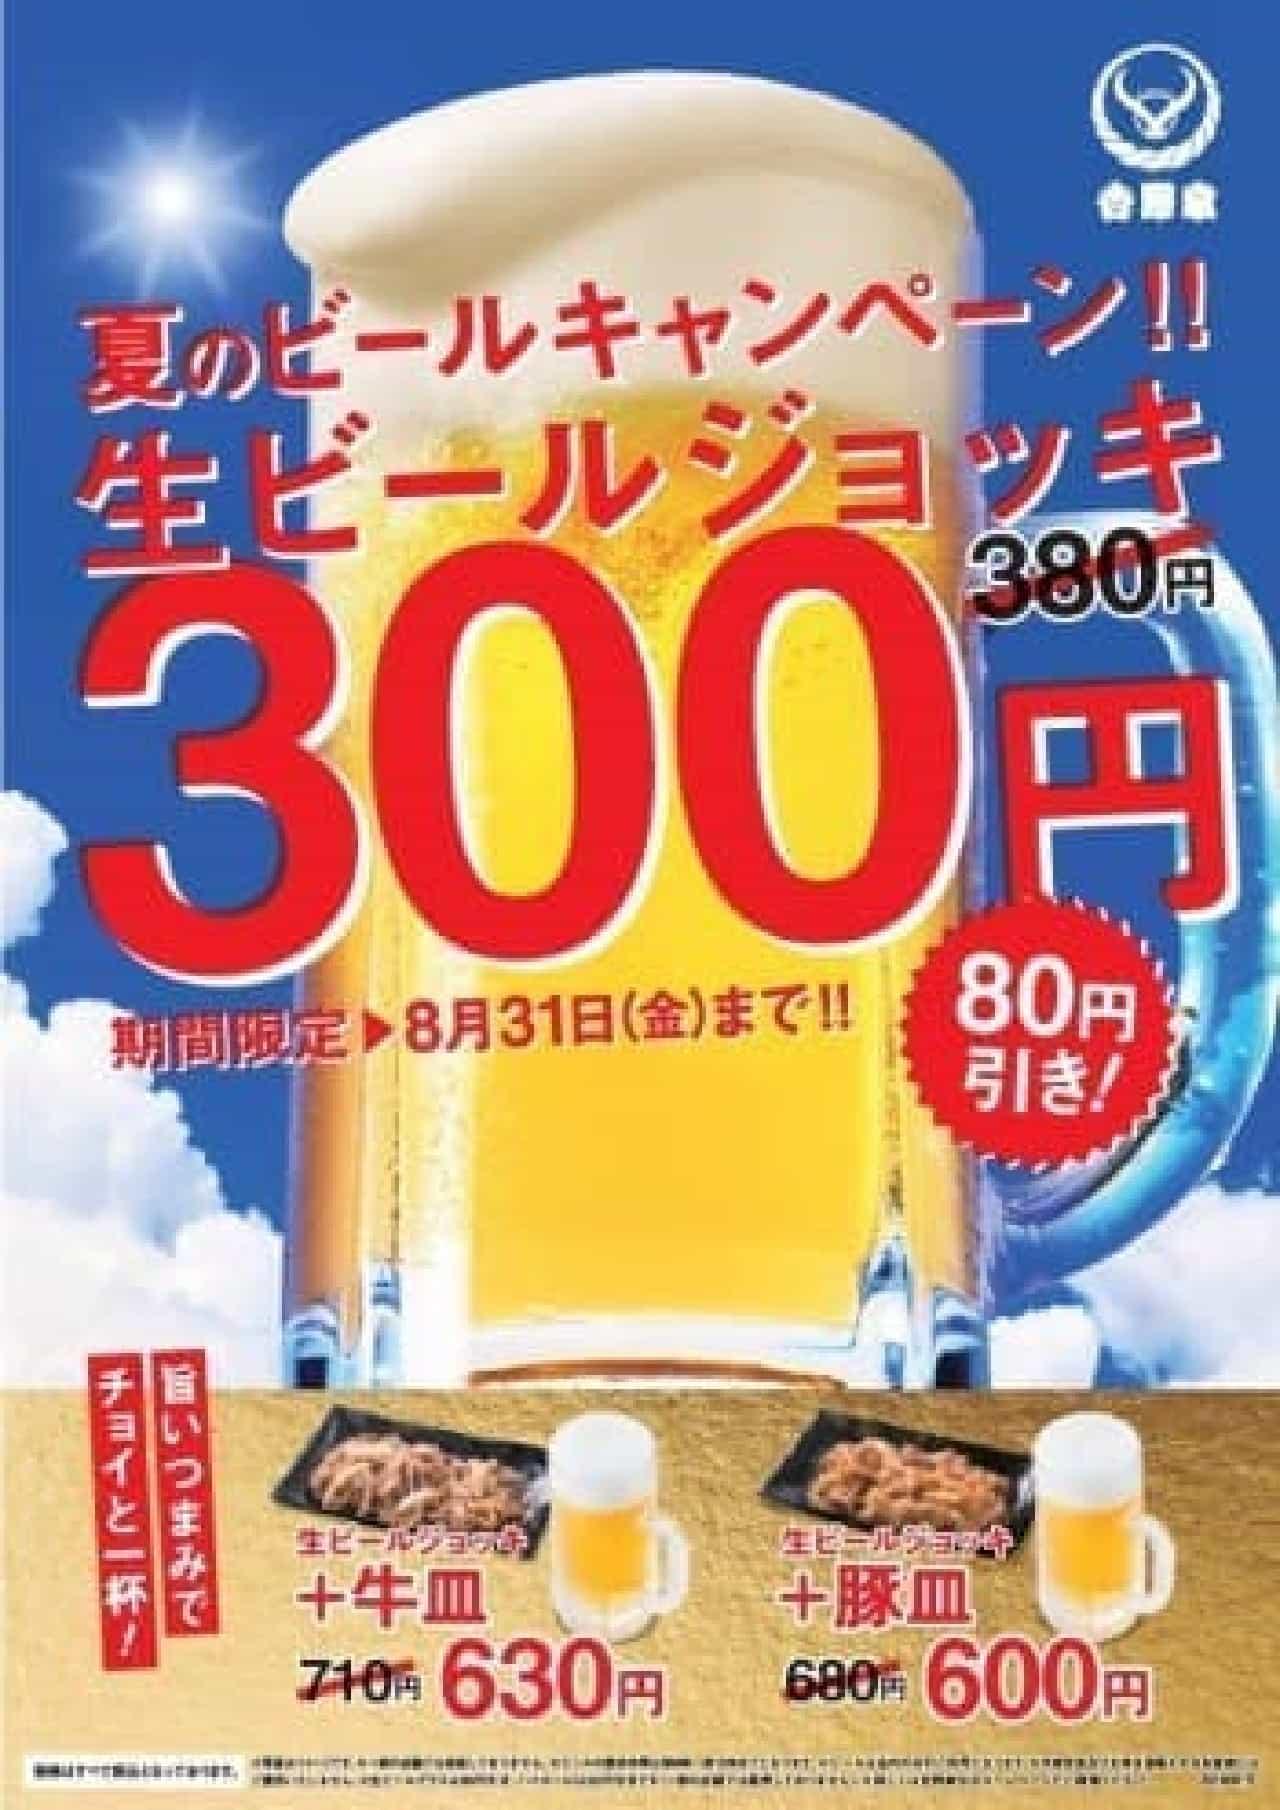 吉野家「夏のビールキャンペーン」